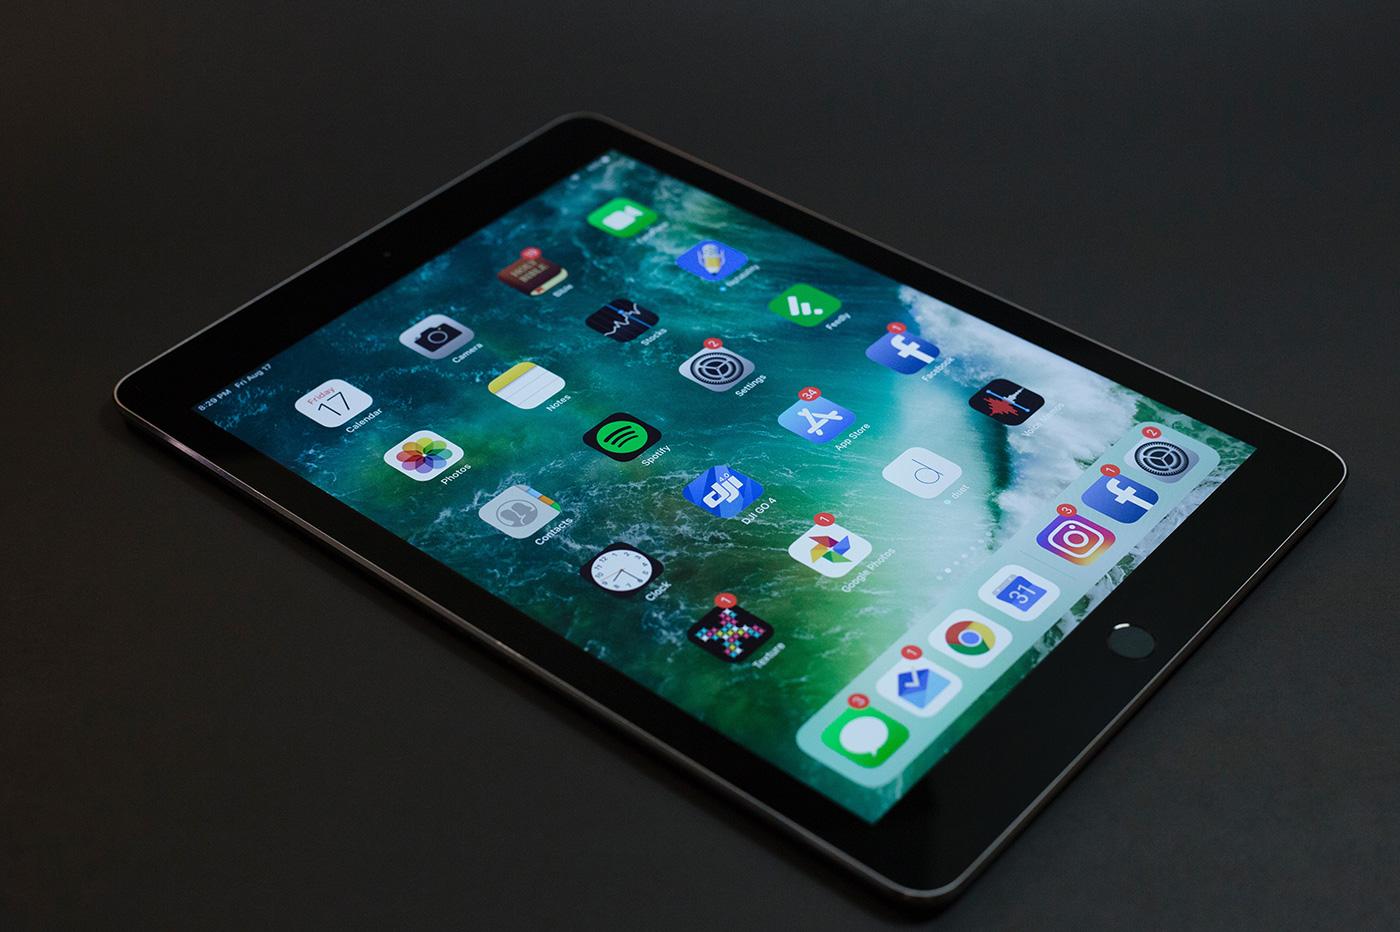 Apple pourrait présenter un nouvel iPad 7 de 10,2 pouces bientôt